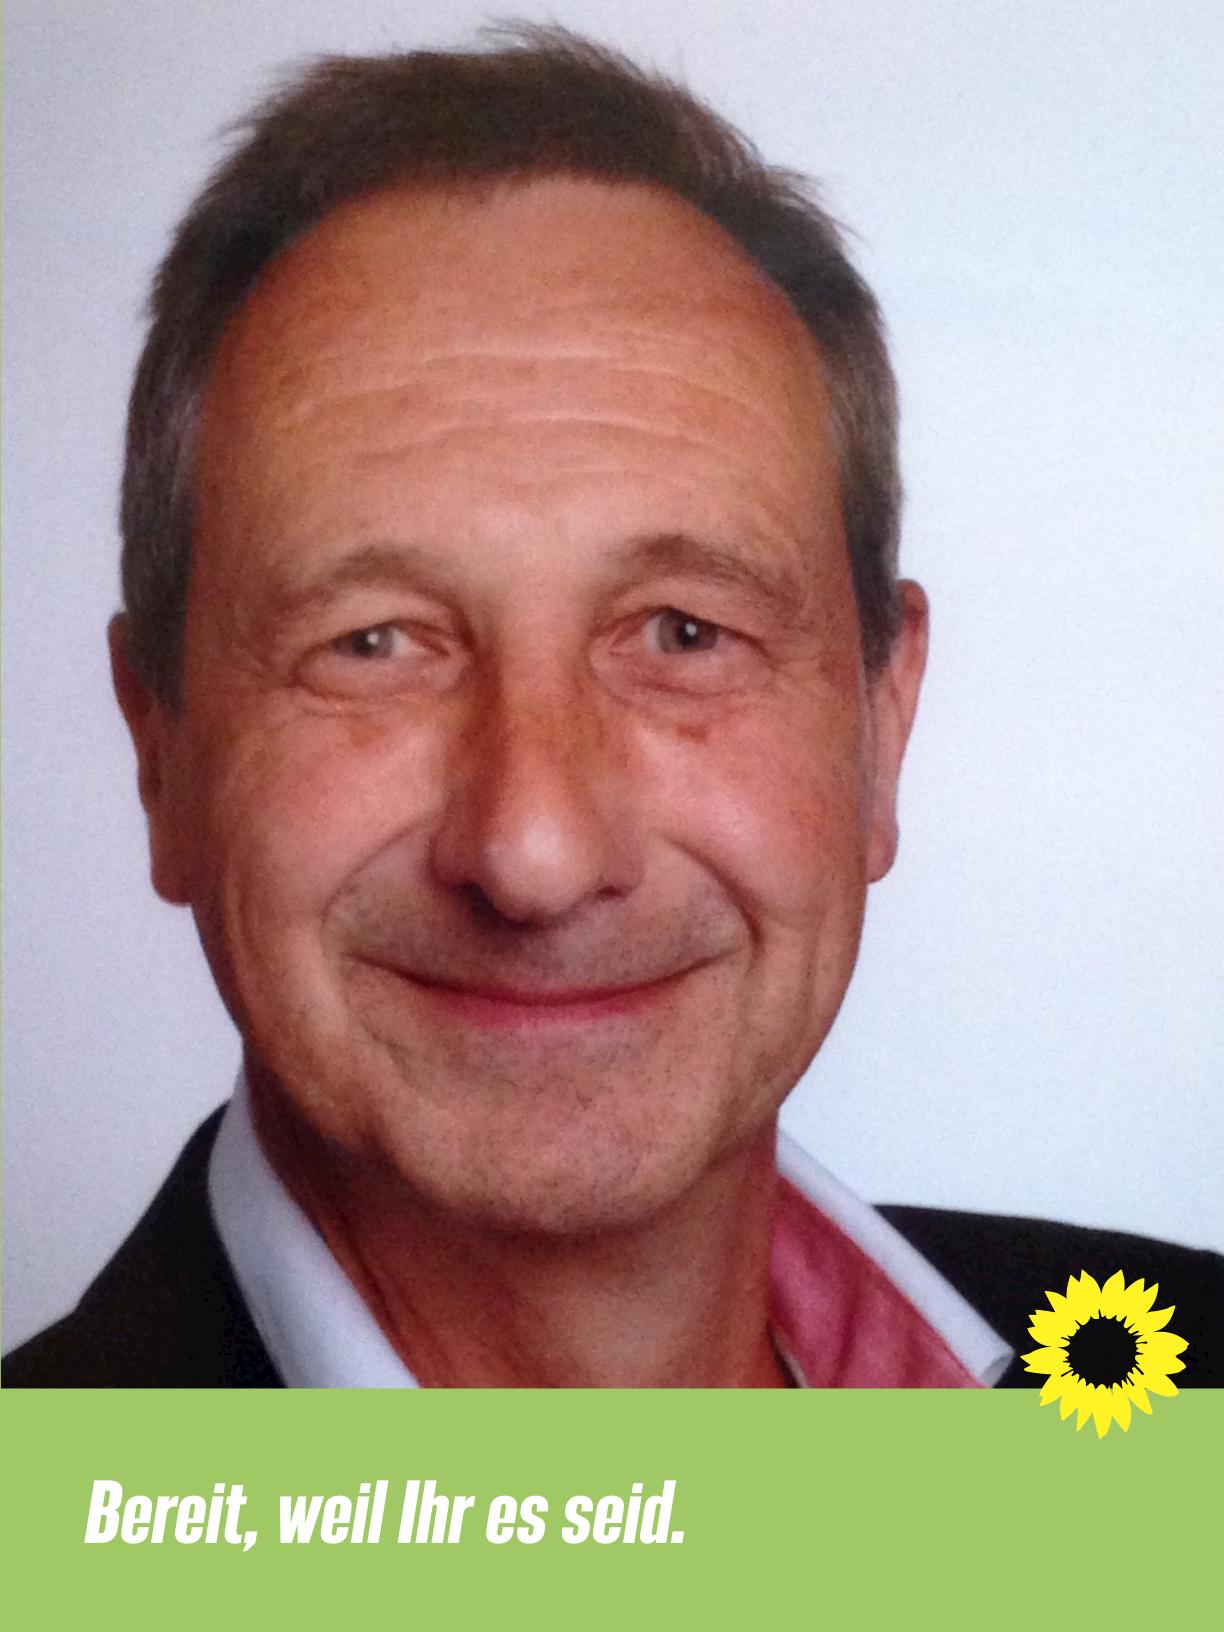 Thomas Schlenker als Direktkandidat für den Wahlkreis 67 aufgestellt